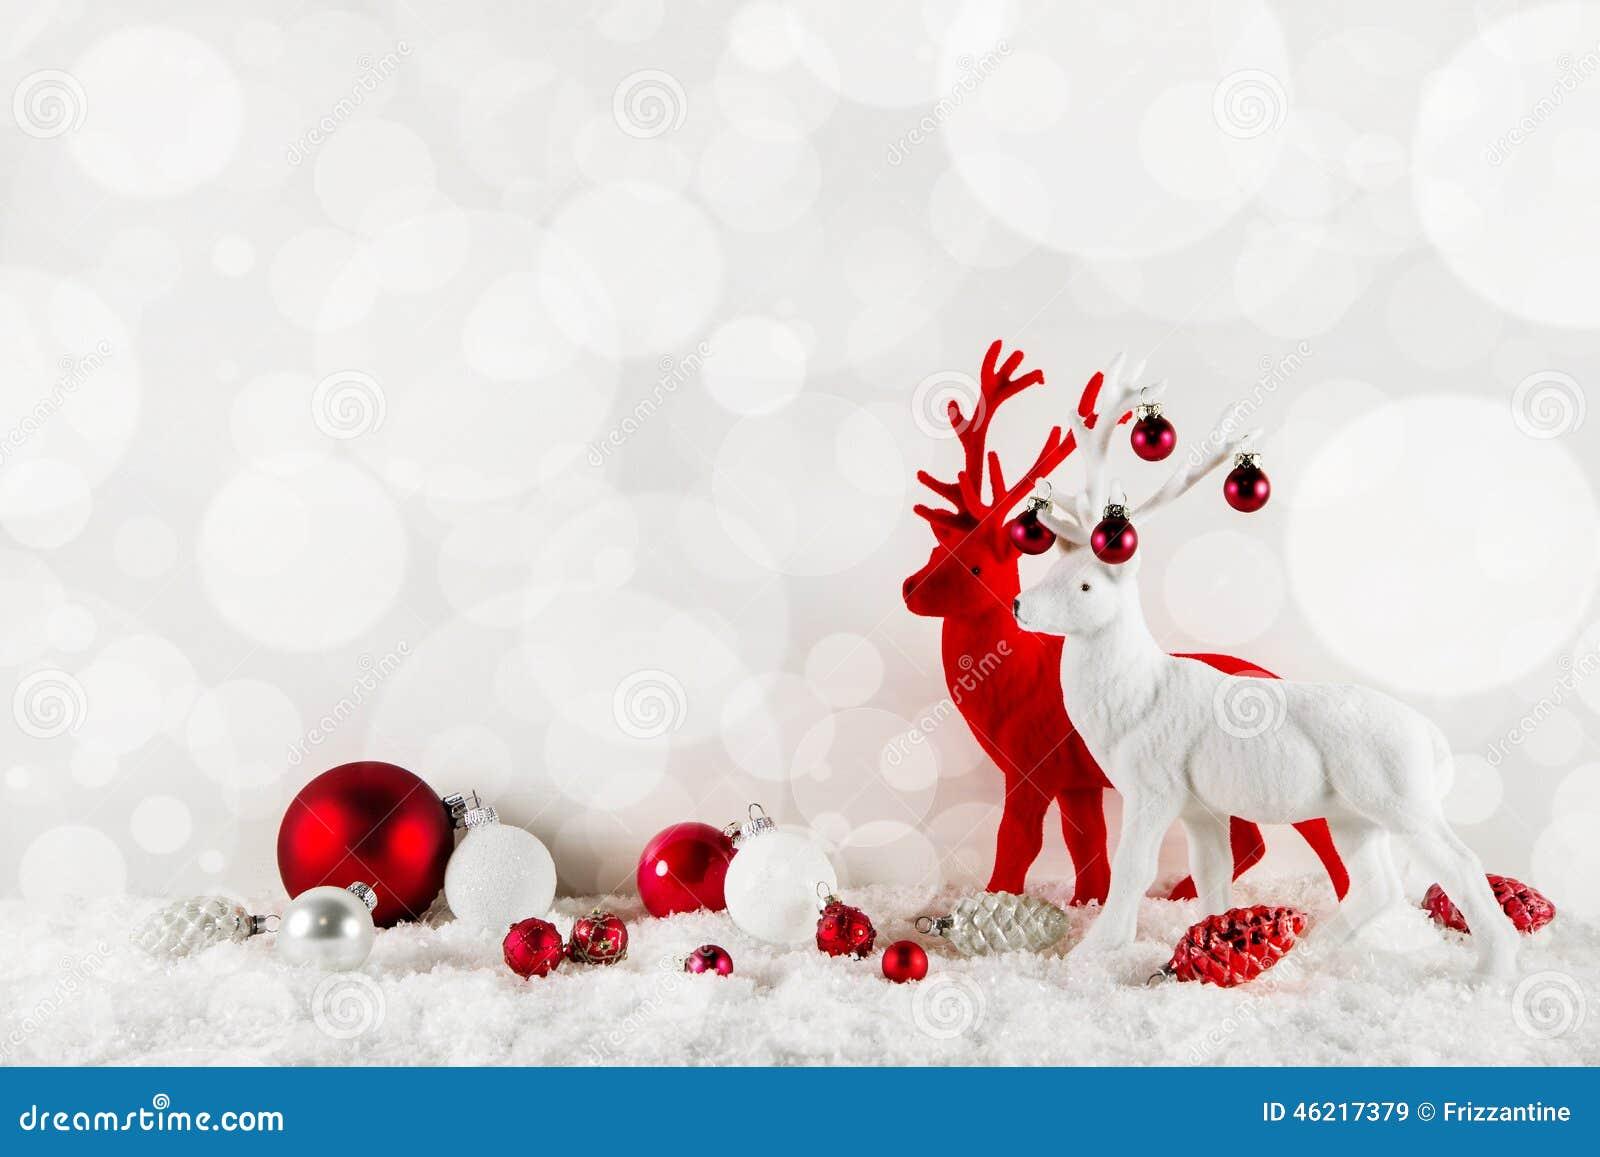 Εορταστικό κομψό υπόβαθρο Χριστουγέννων στα κλασσικά χρώματα: κόκκινο